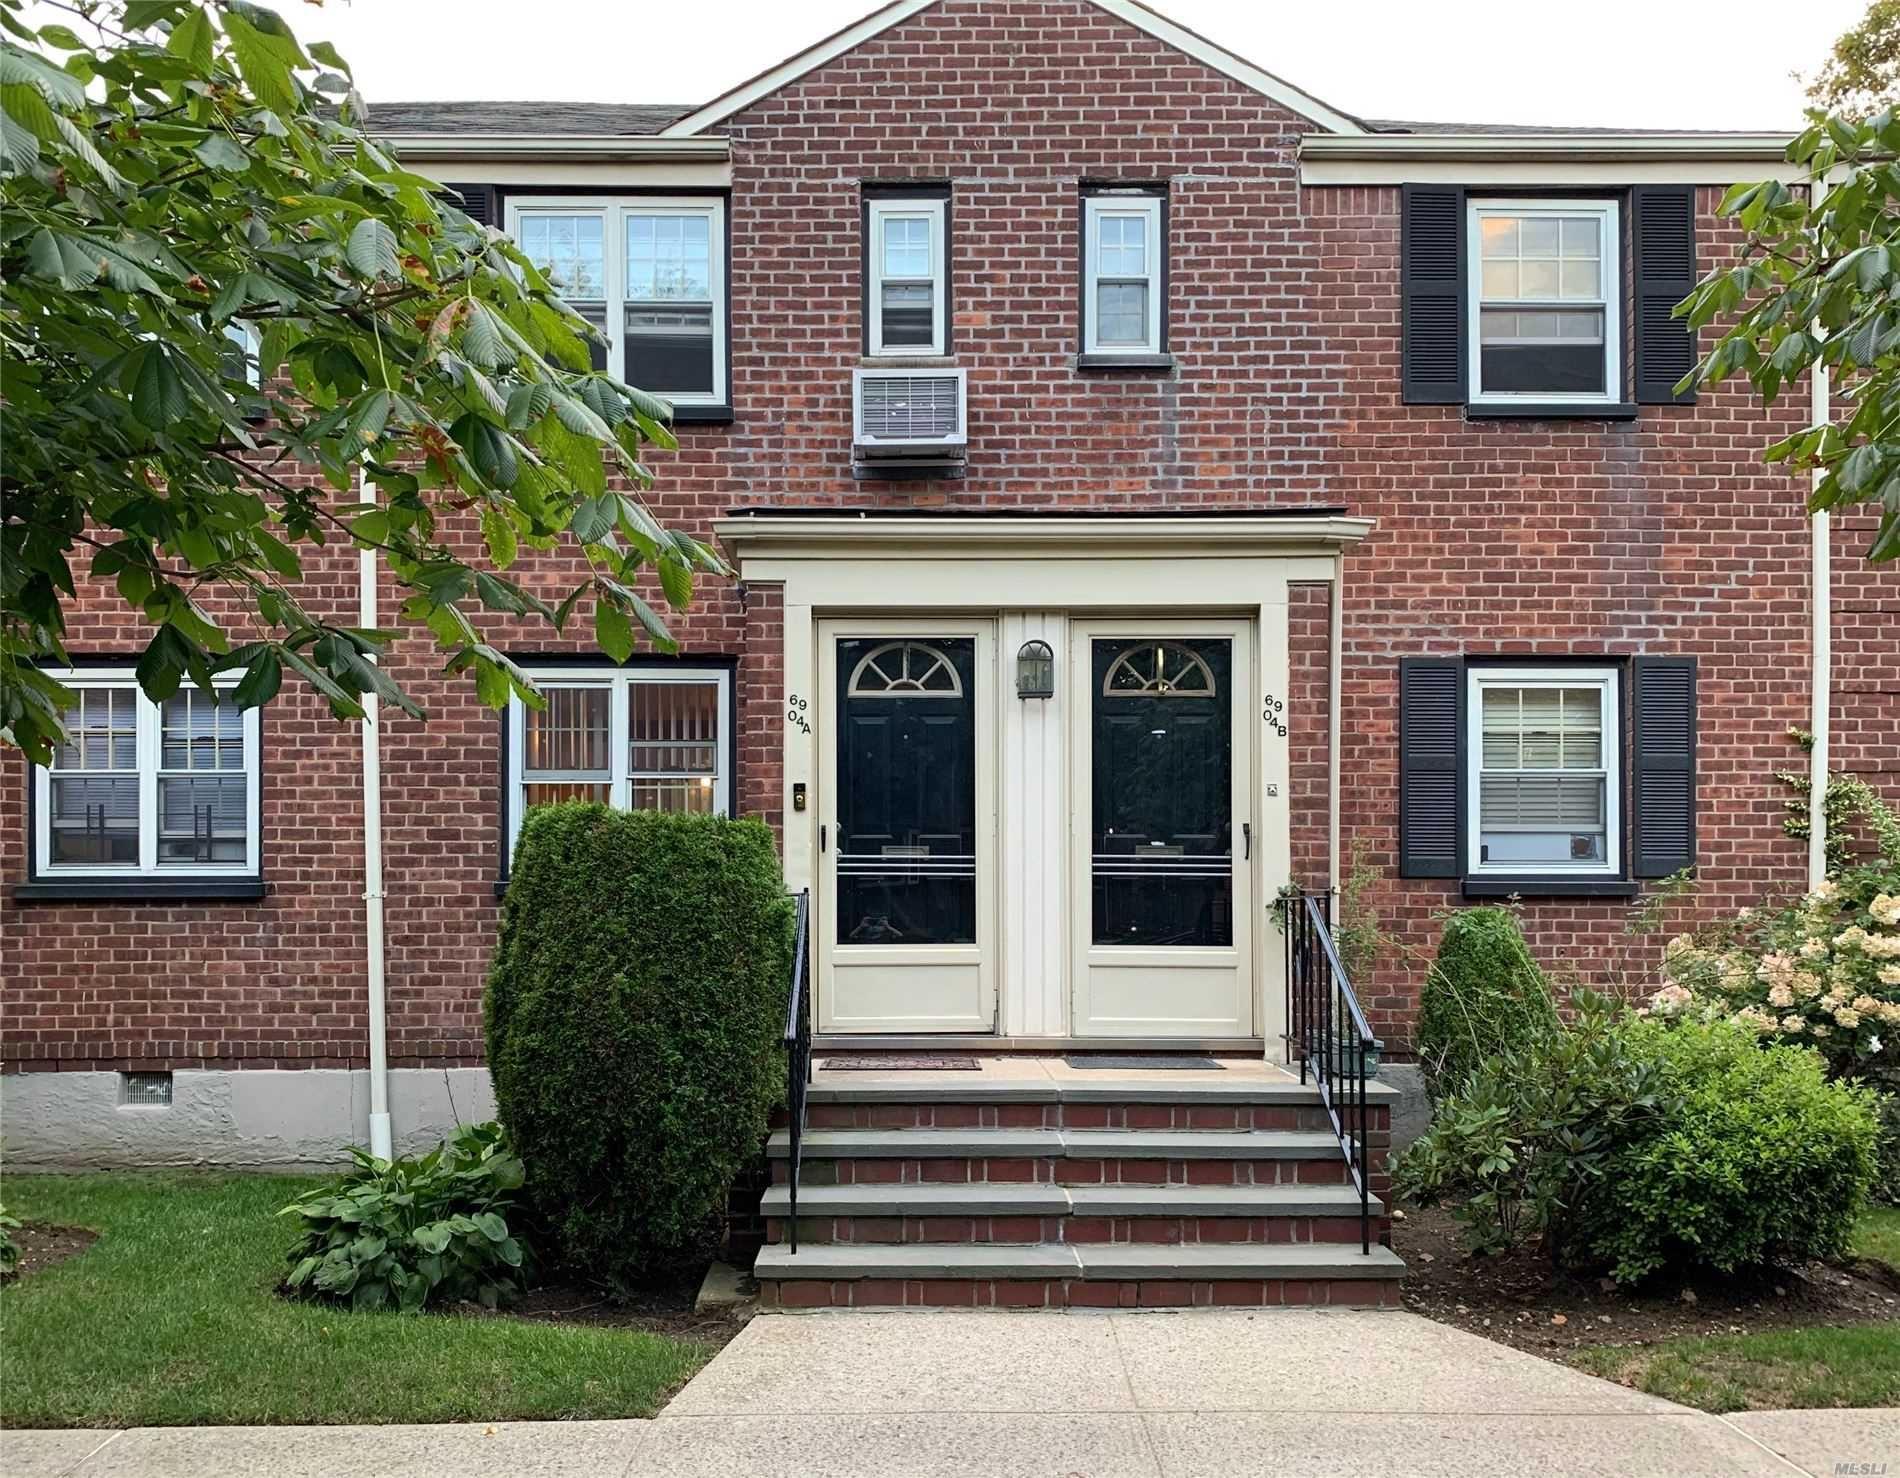 69-04 215 Street #A, Bayside, NY 11364 - MLS#: 3244364